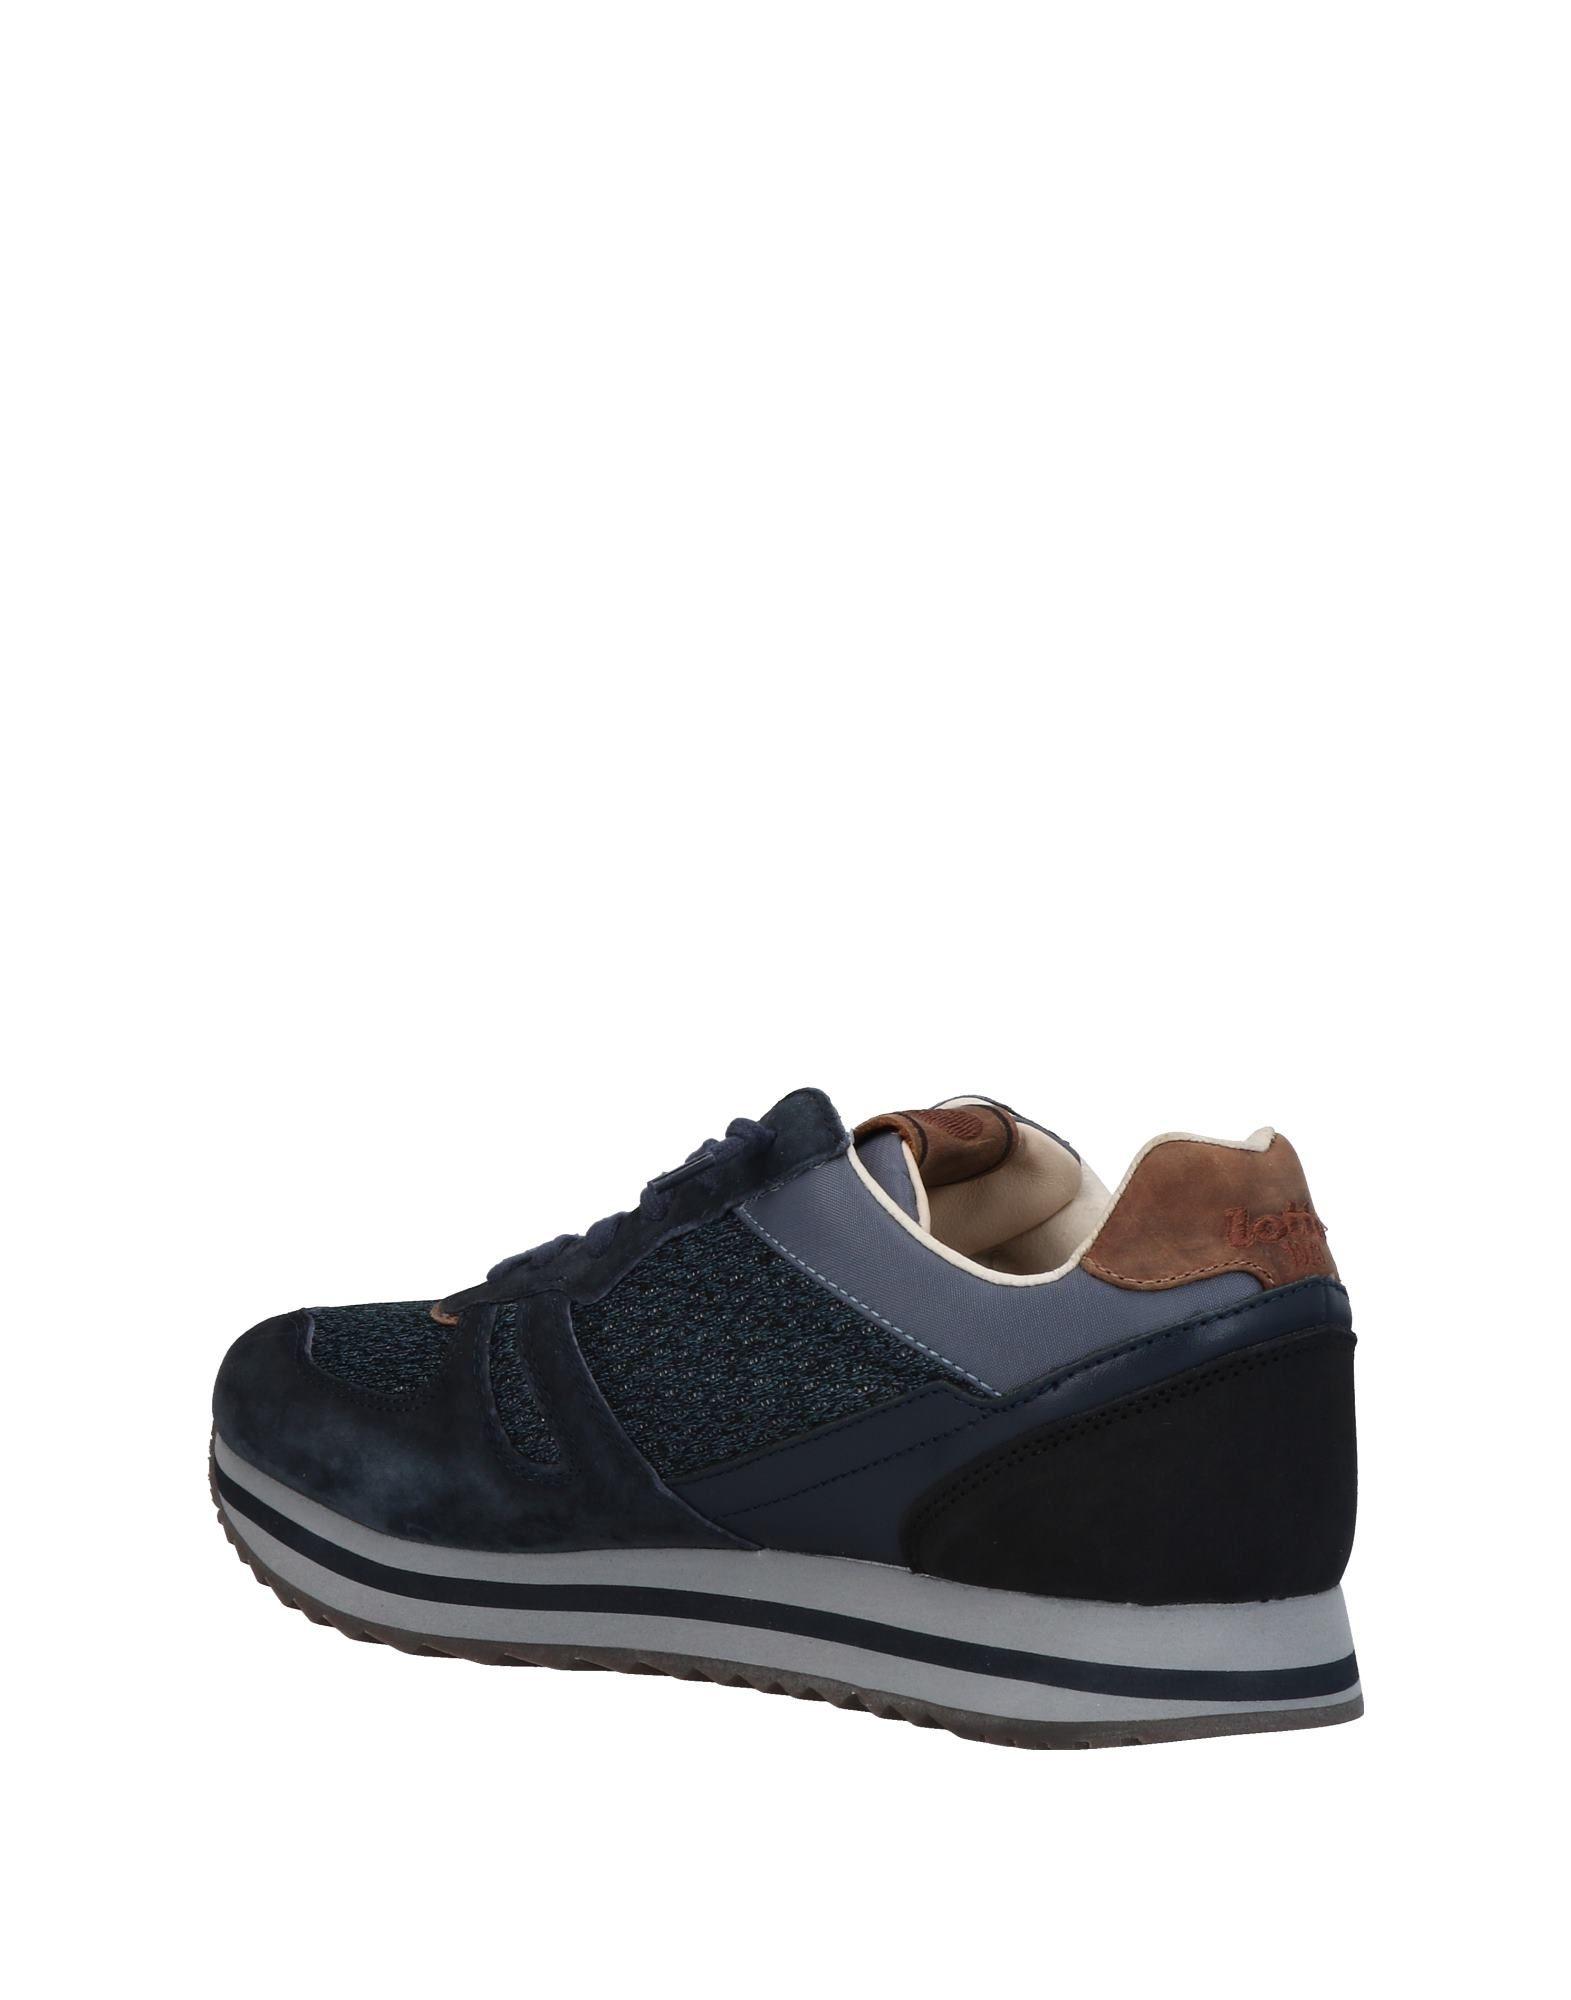 Rabatt echte Schuhe Lotto  Leggenda Sneakers Herren  Lotto 11452800HF ec570e